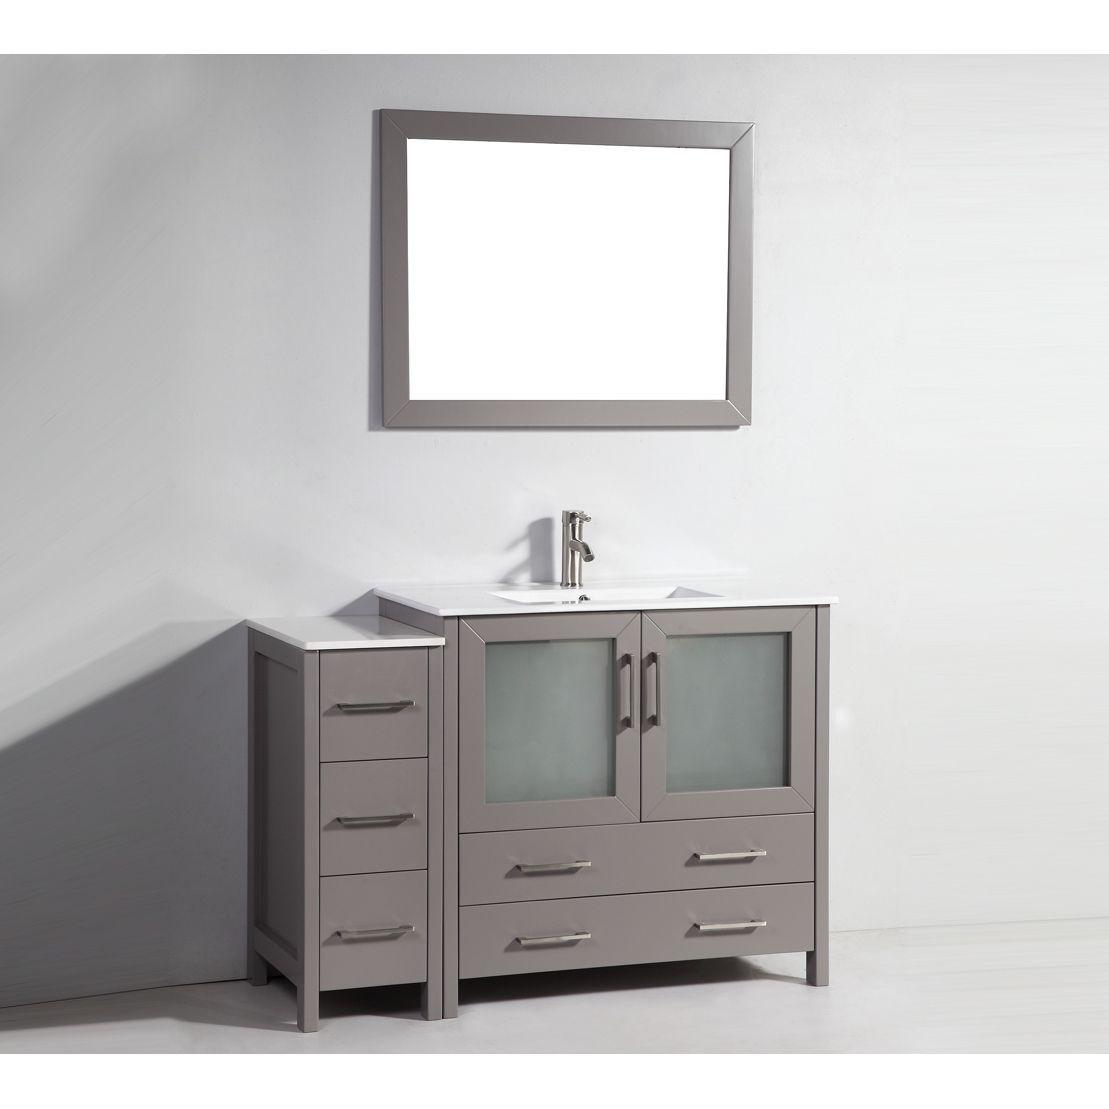 Vanity Art Single Sink 48 Inch Bathroom Vanity Set With Ceramic Top ...